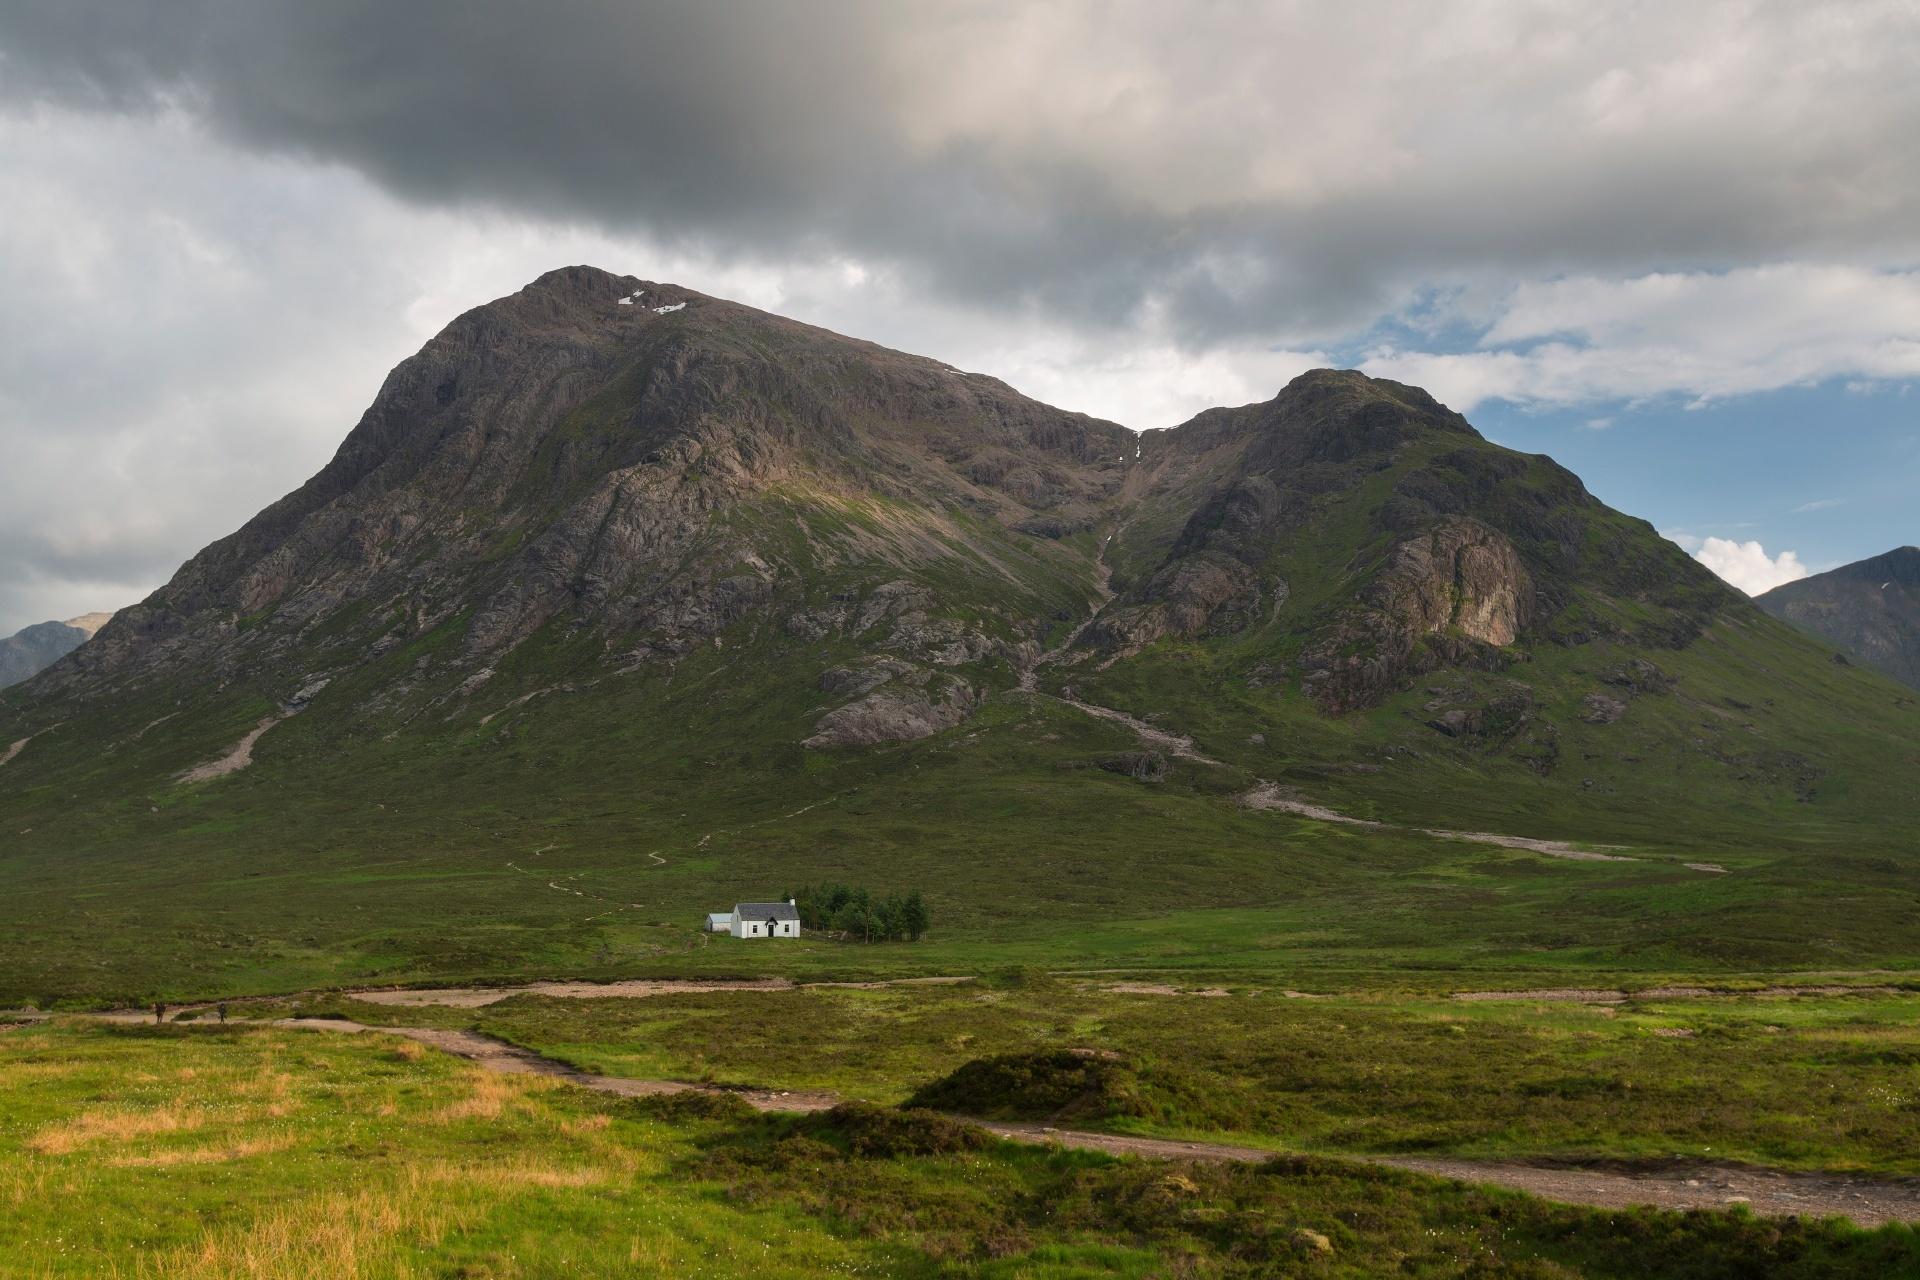 ハイランド地方の風景 スコットランドの風景